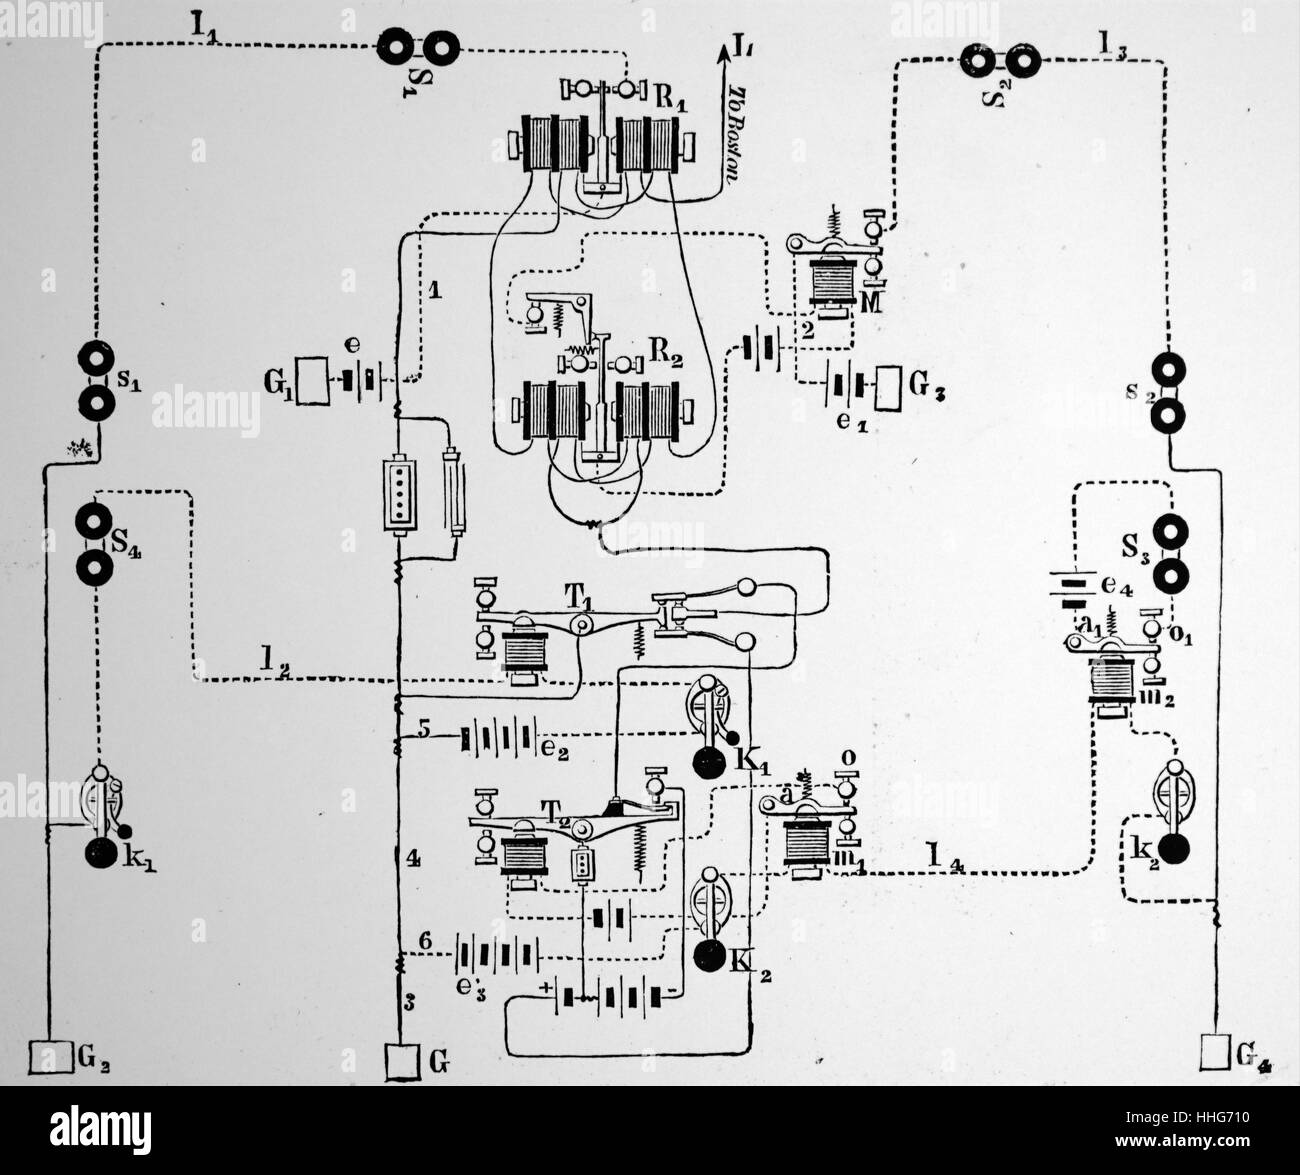 Diagram of quadruplex repeating telegraph system. 1879 - Stock Image